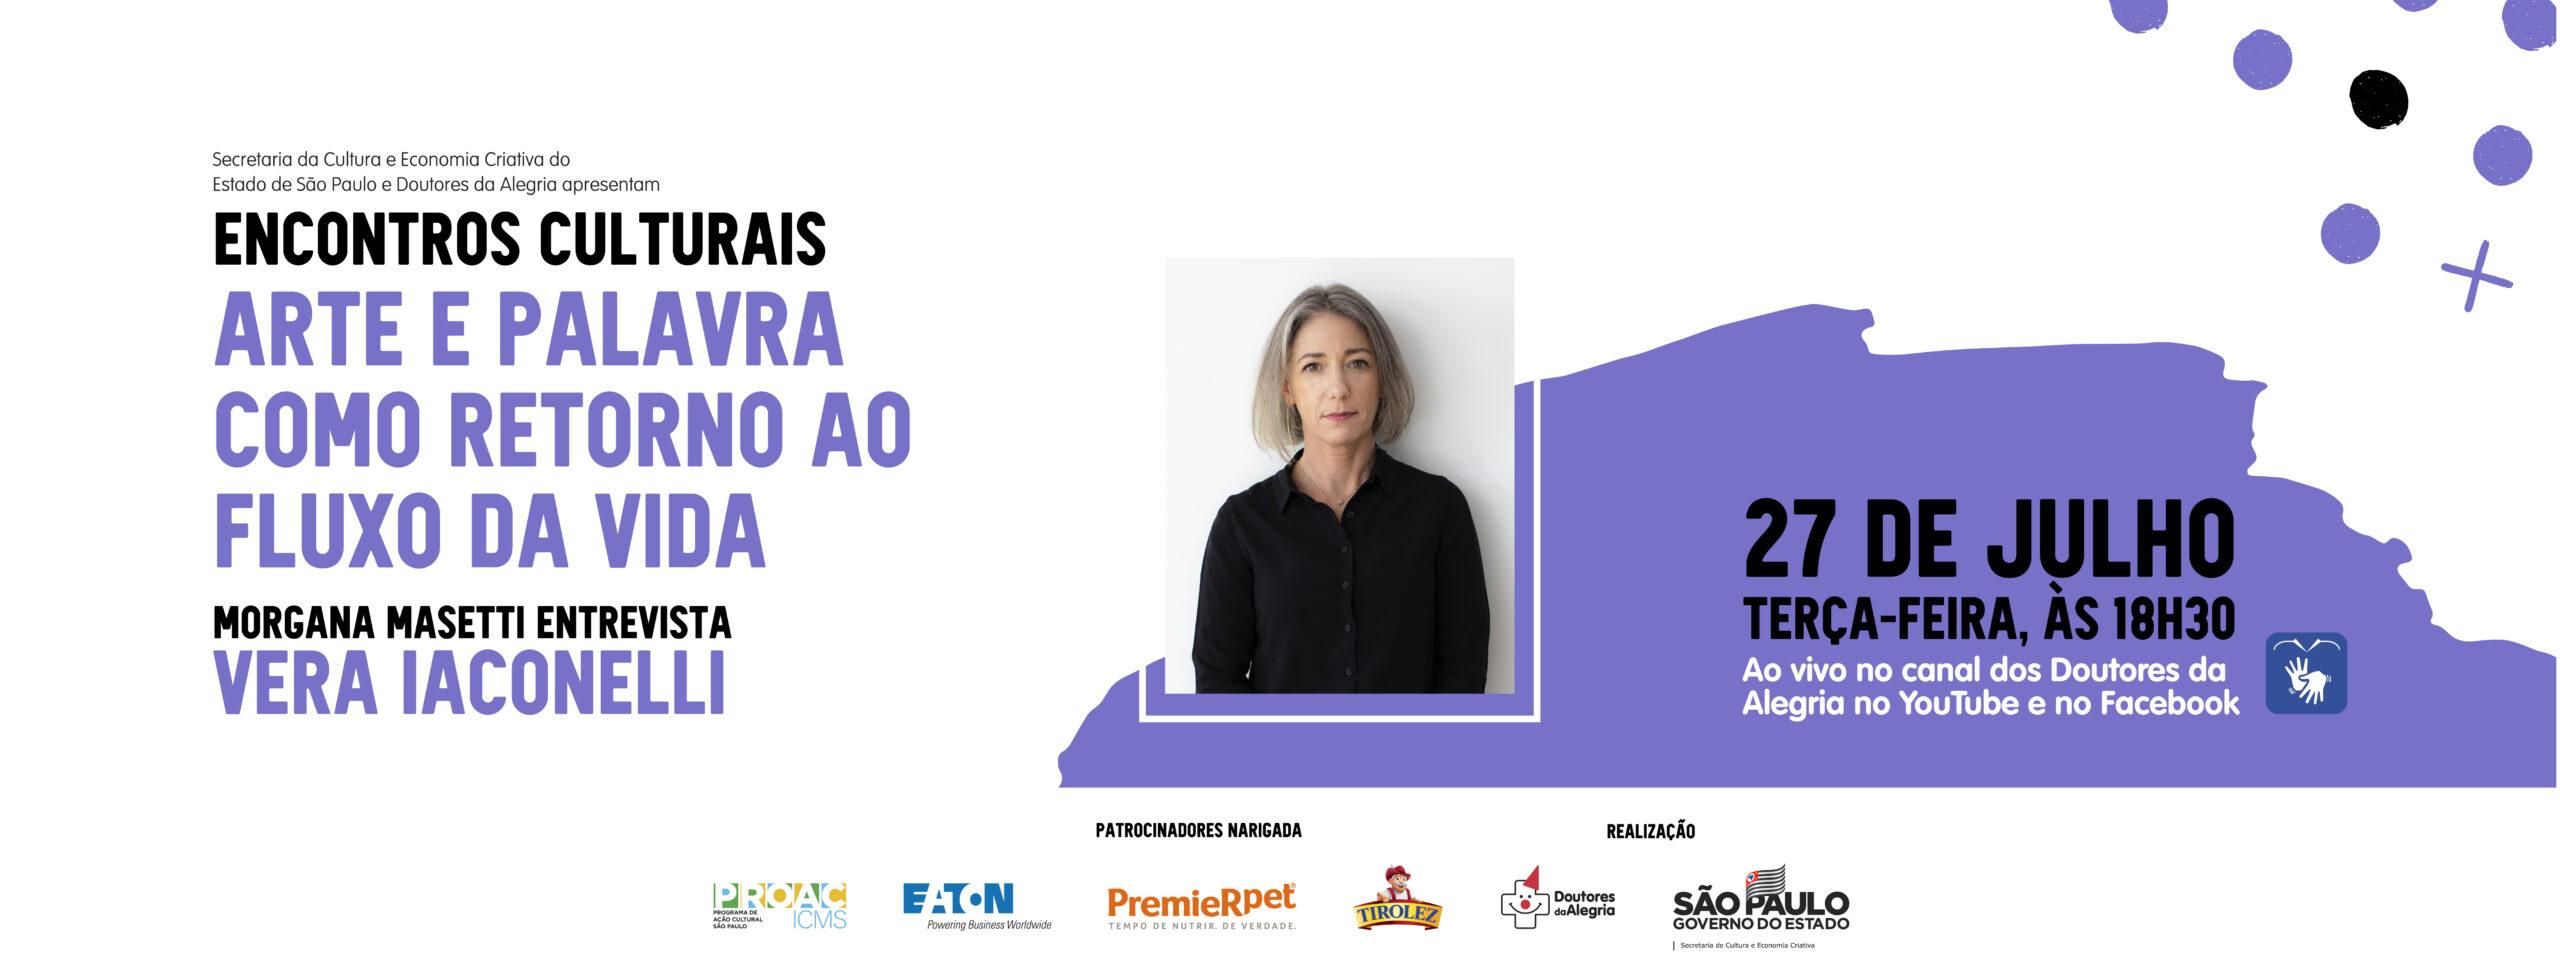 Escola Doutores da Alegria promove encontro entre Morgana Masetti e Vera Iaconelli